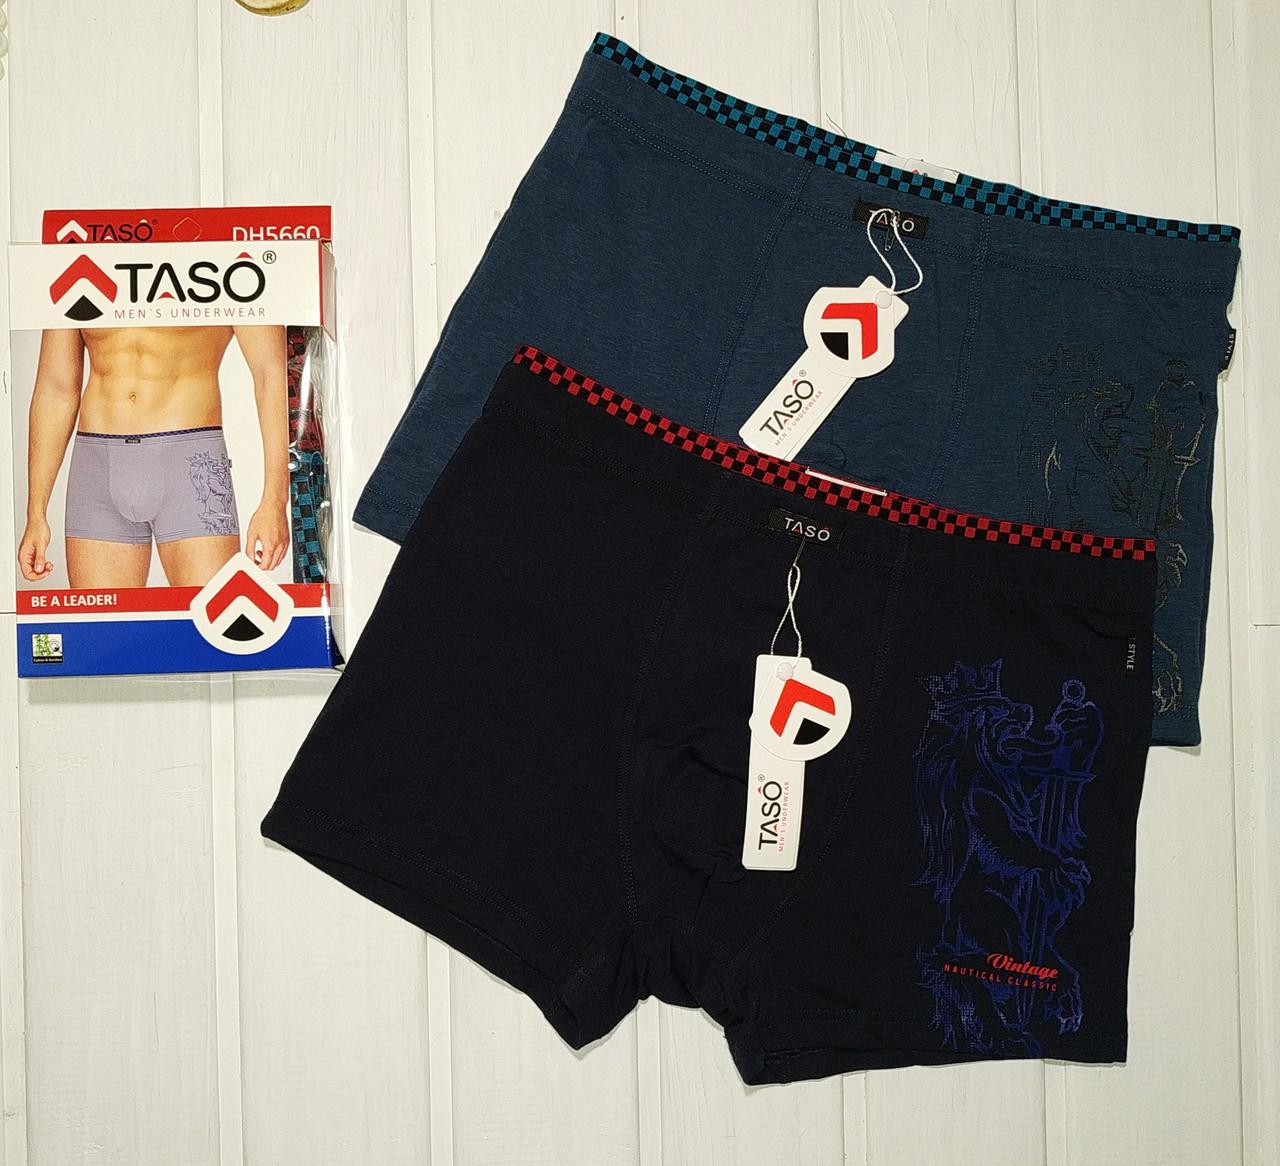 Мужские трусы боксерки Taso хлопк+бабмбук в упаковке 2 шт  Размер  XXL 3XL 4XL